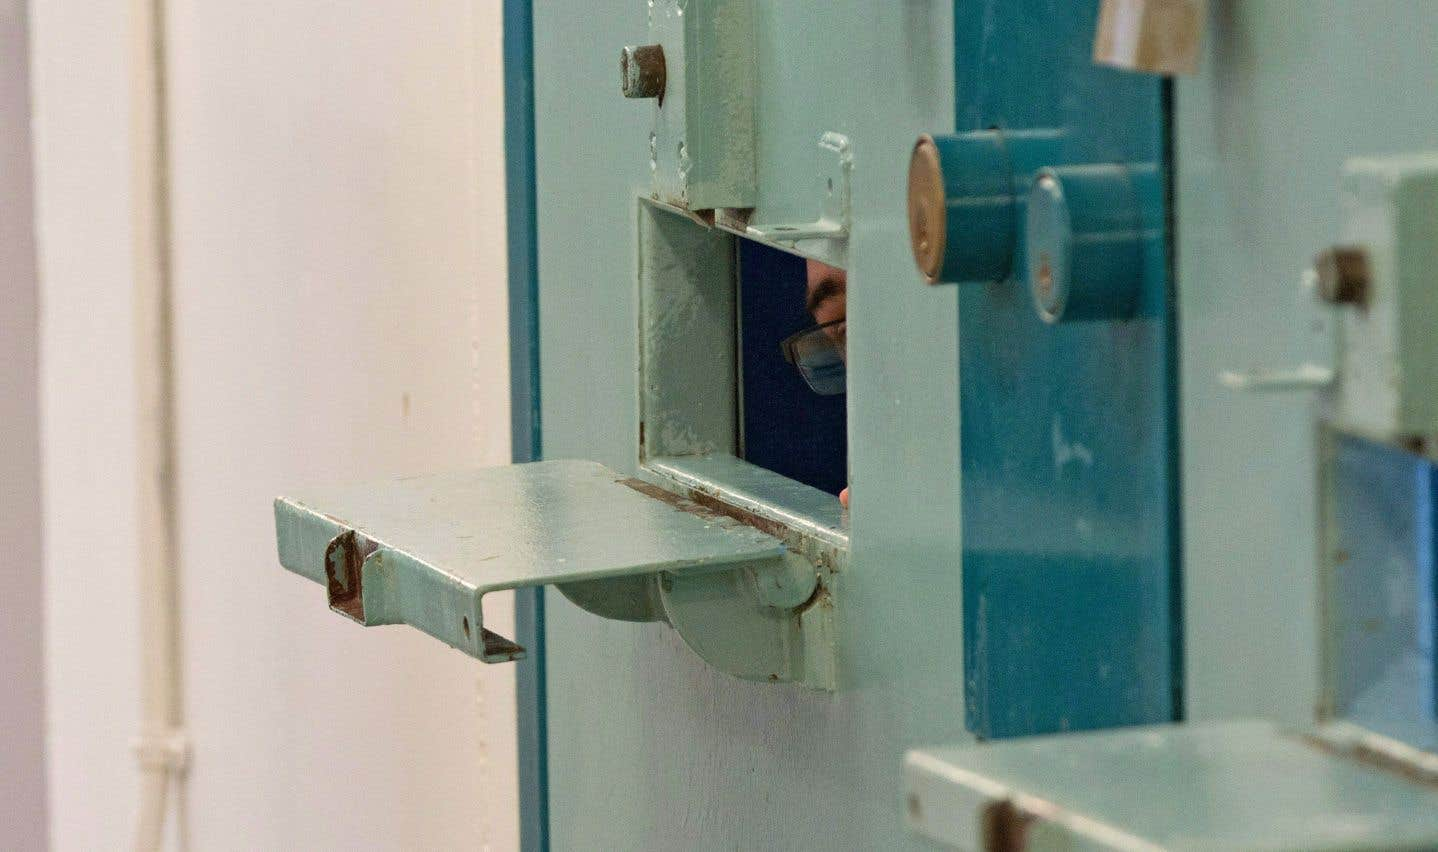 Le jugement rendu dans l'Ouest canadien n'impose pas de plafond sur le nombre de jours qu'une personne incarcérée peut passer en isolement.